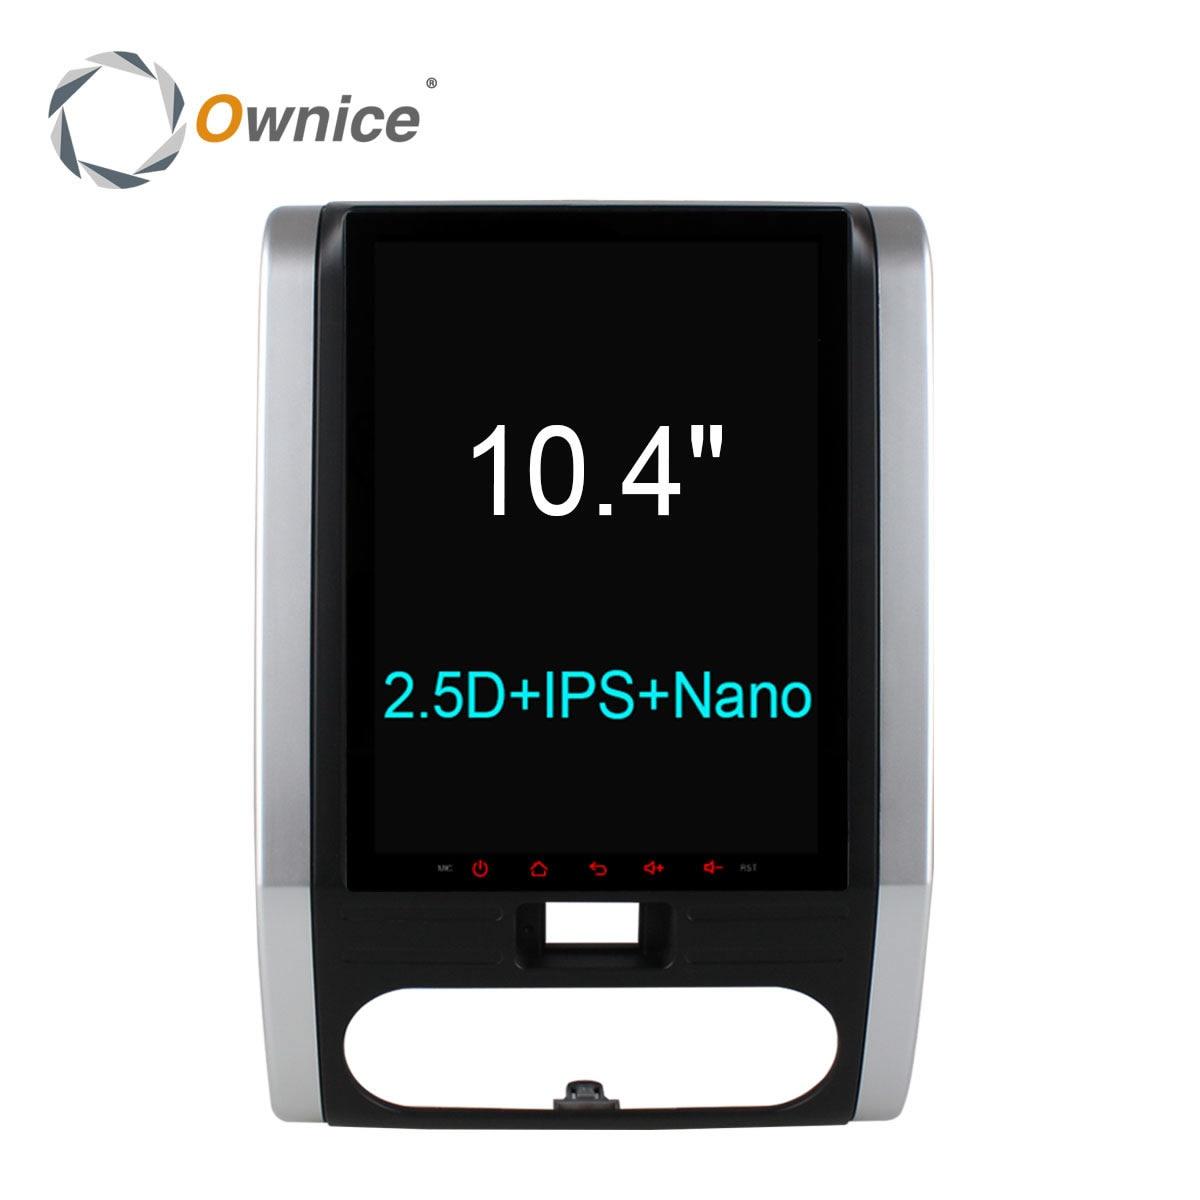 Ownice C600 10.4 9.7 вертикальная Экран Android 6.0 Octa core автомобильный DVD Радио для Nissan X-Trail 2008 2009 2010 2011 с 2.5D IPS